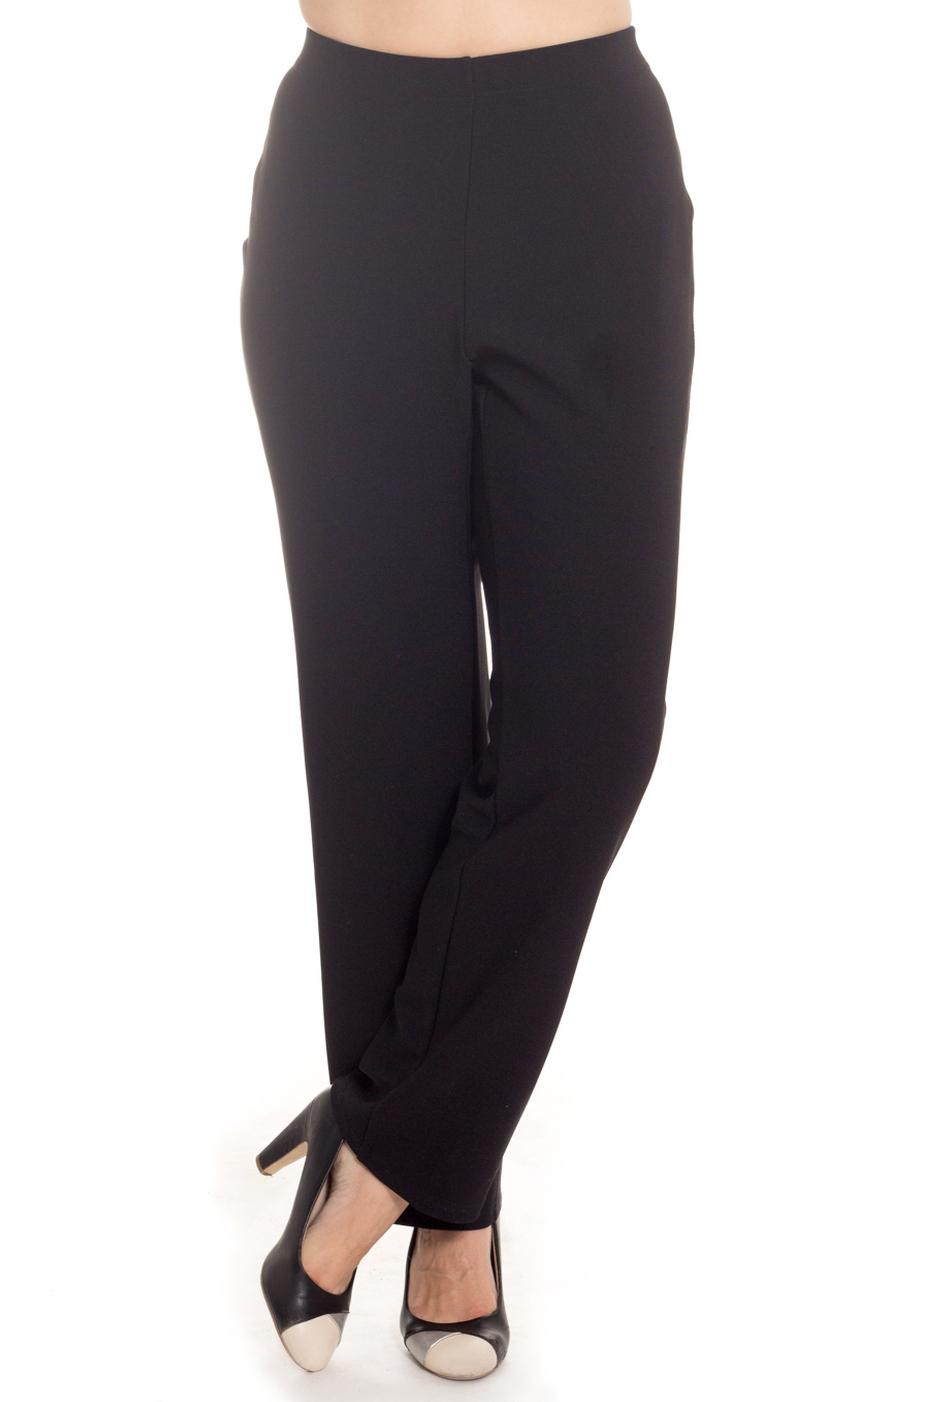 БрюкиБрюки<br>Классические женские брюки. Модель выполнена из приятного материала. Отличный выбор для любого случая.  Цвет: черный  Рост девушки-фотомодели 180 см<br><br>По материалу: Тканевые<br>По рисунку: Однотонные<br>По силуэту: Полуприталенные<br>По стилю: Офисный стиль,Повседневный стиль<br>По форме: Классические<br>По сезону: Осень,Весна,Зима<br>Размер : 56,58,60,62,64,66,68<br>Материал: Костюмная ткань<br>Количество в наличии: 18